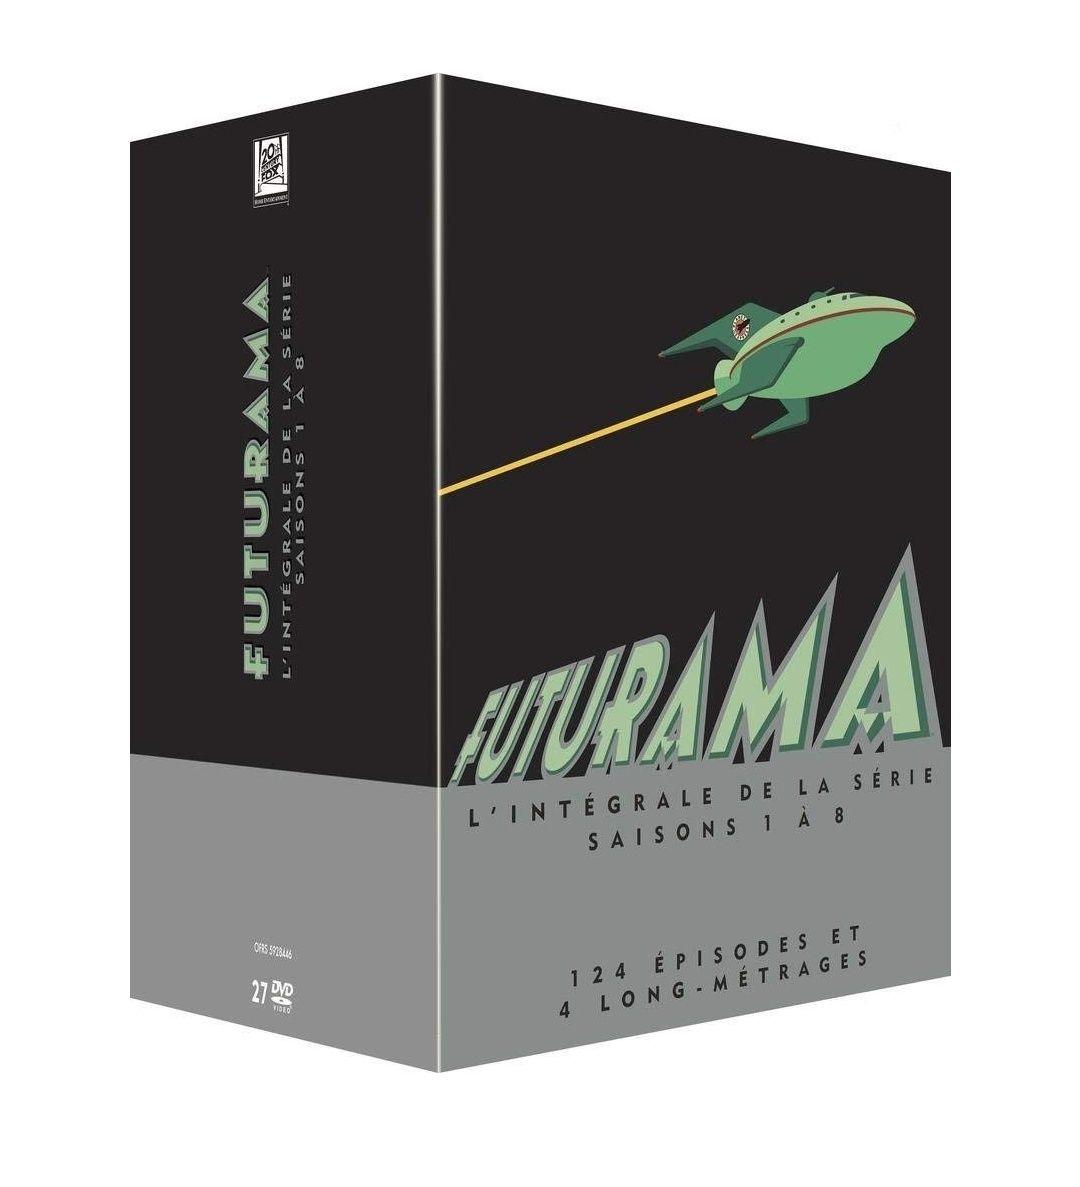 Coffret DVD Futurama - L'intégrale des Saisons 1 à 8 + 4 Longs Métrages